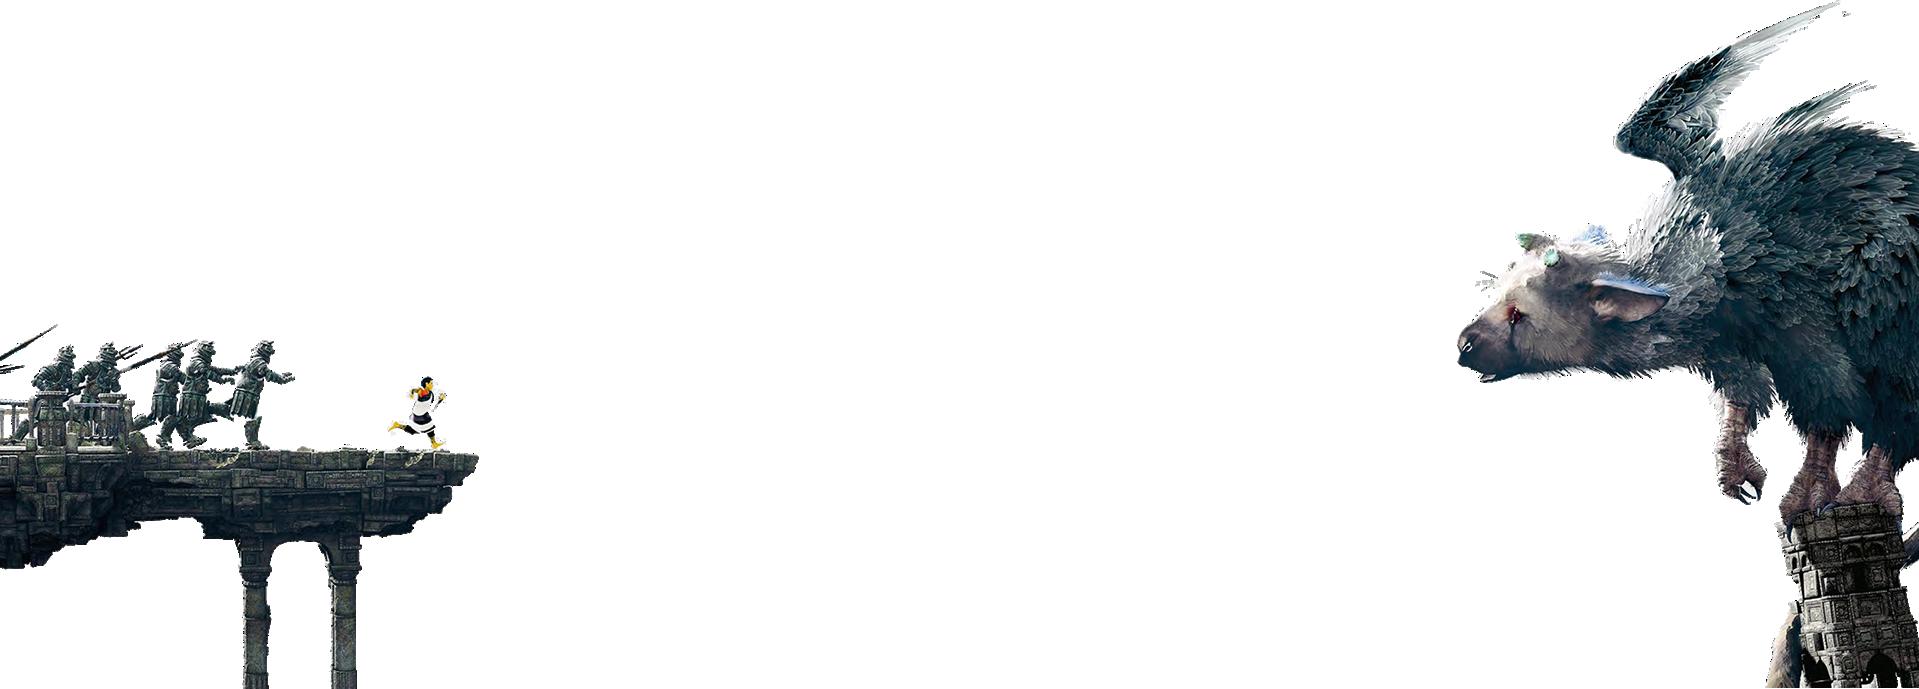 tlg_opacity2